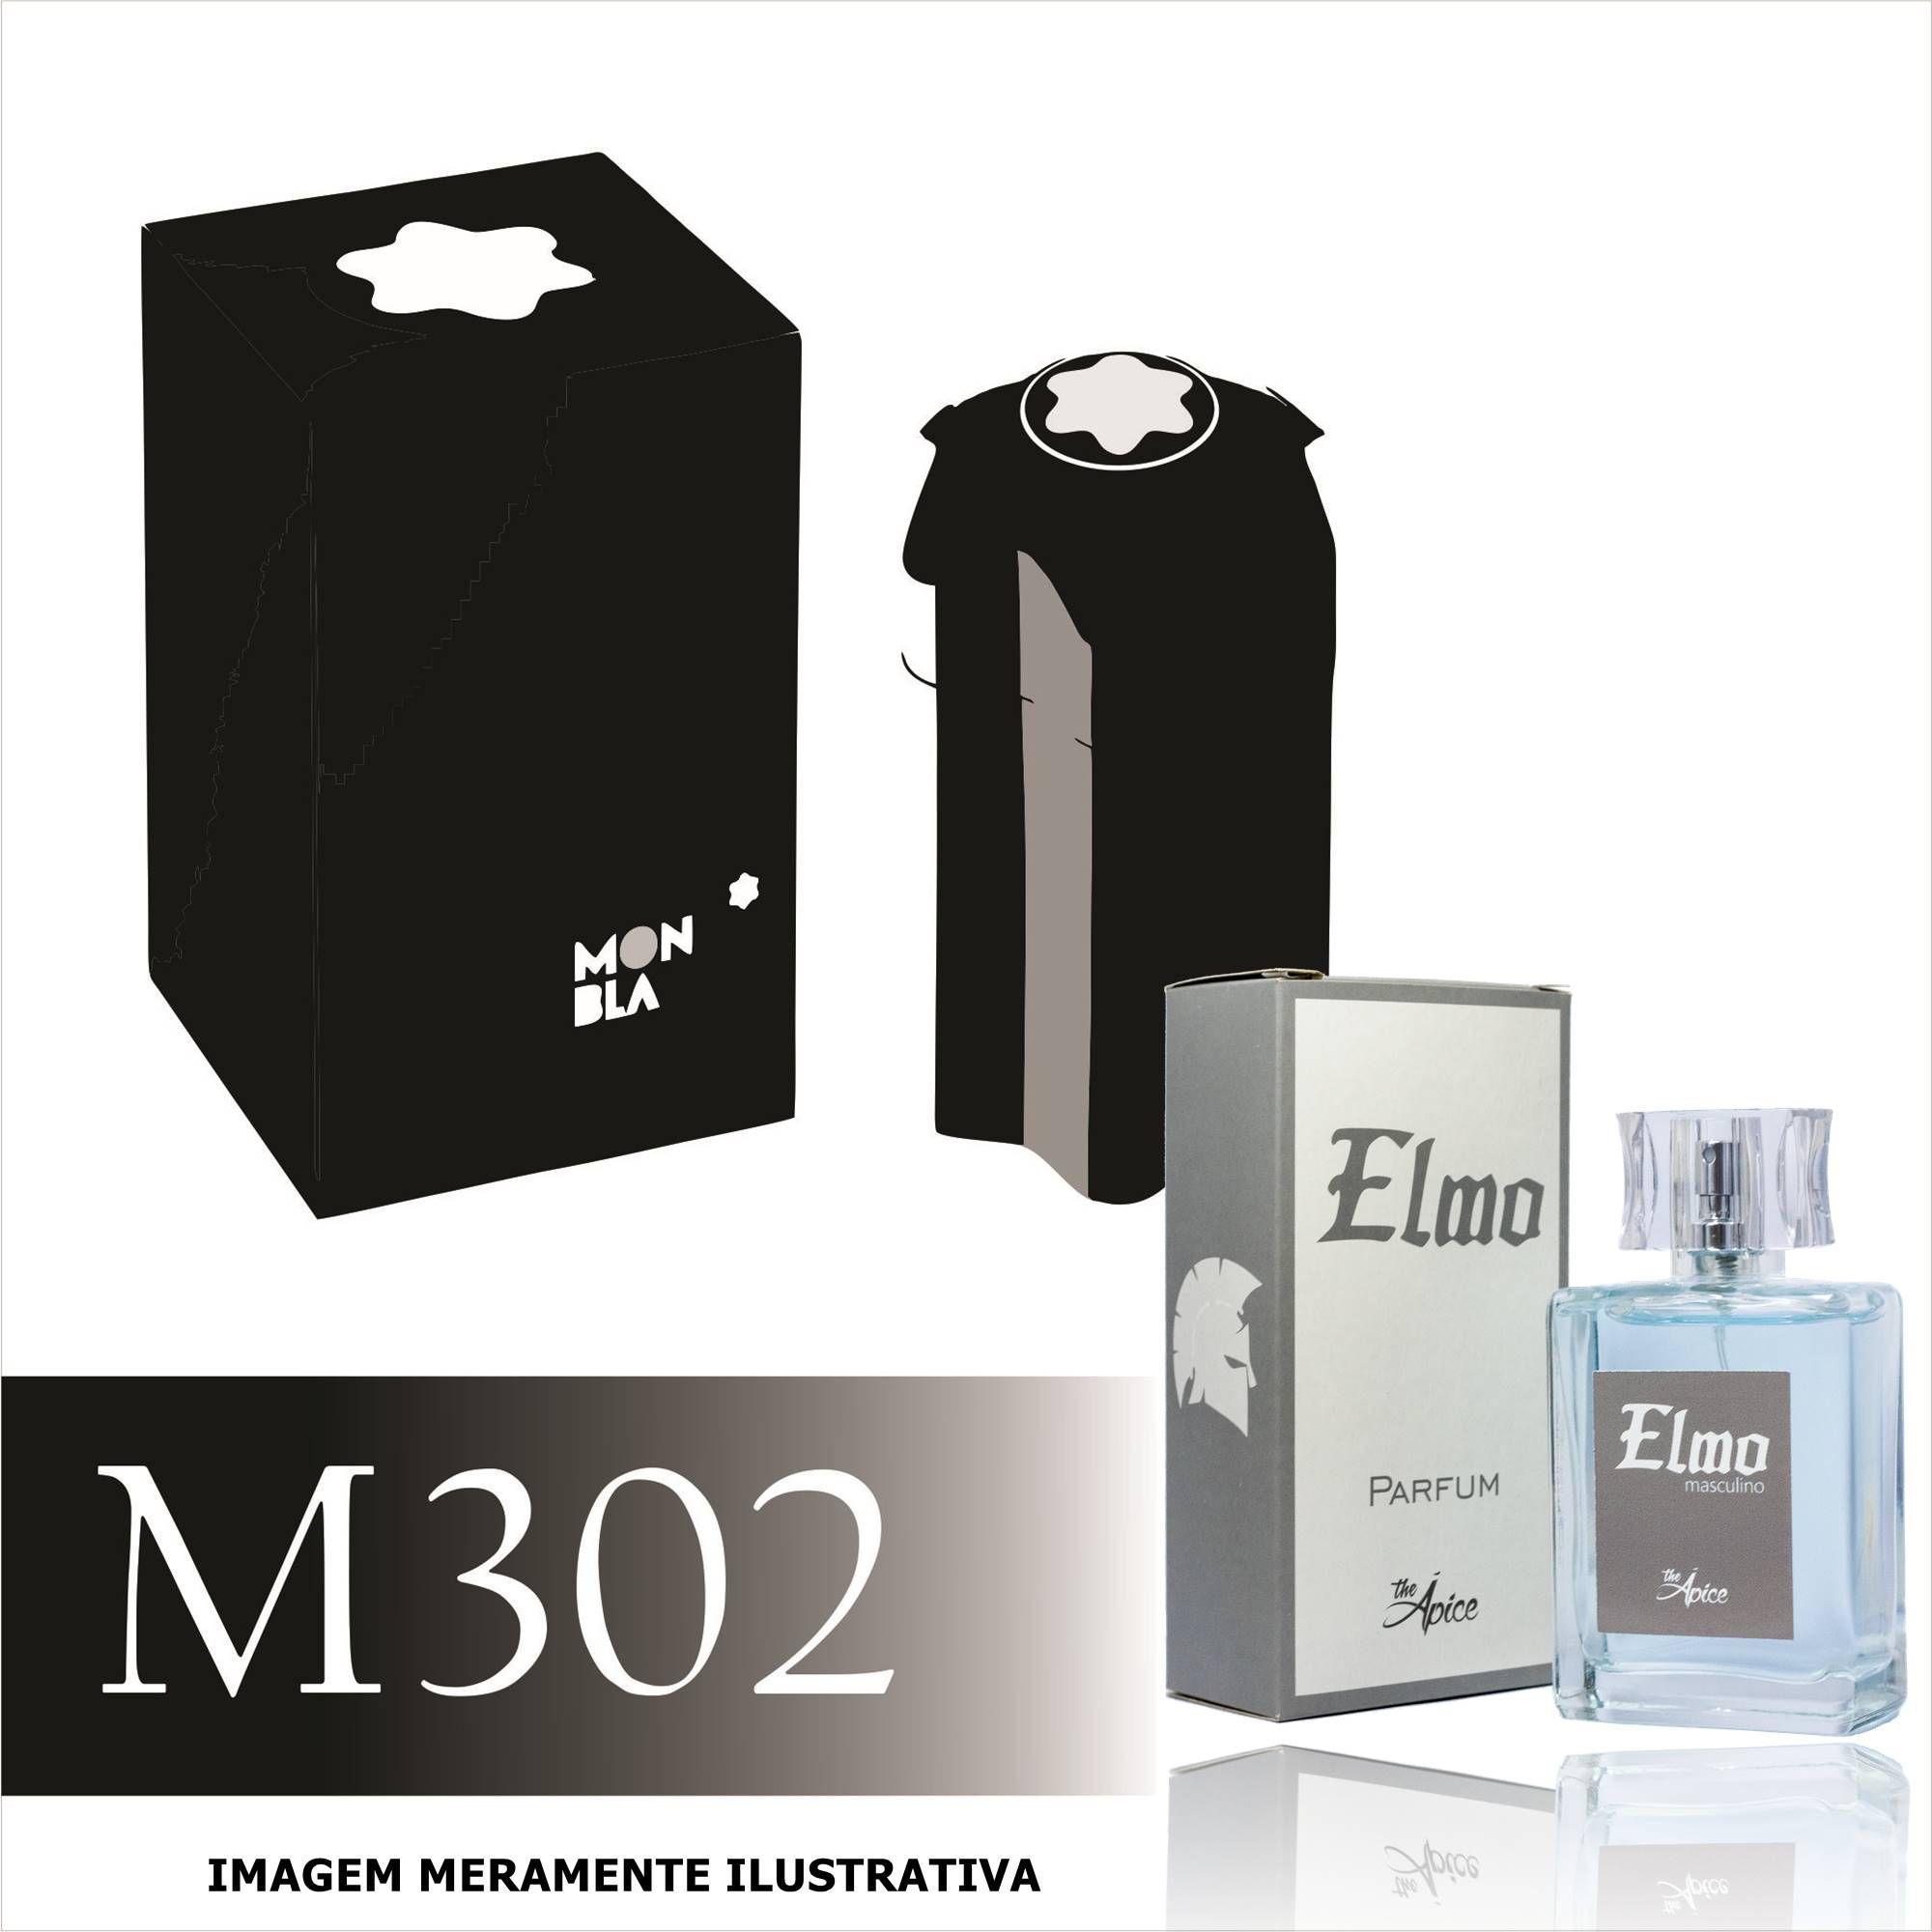 Perfume M302 Inspirado no Emblem da MontBlanc Masculino